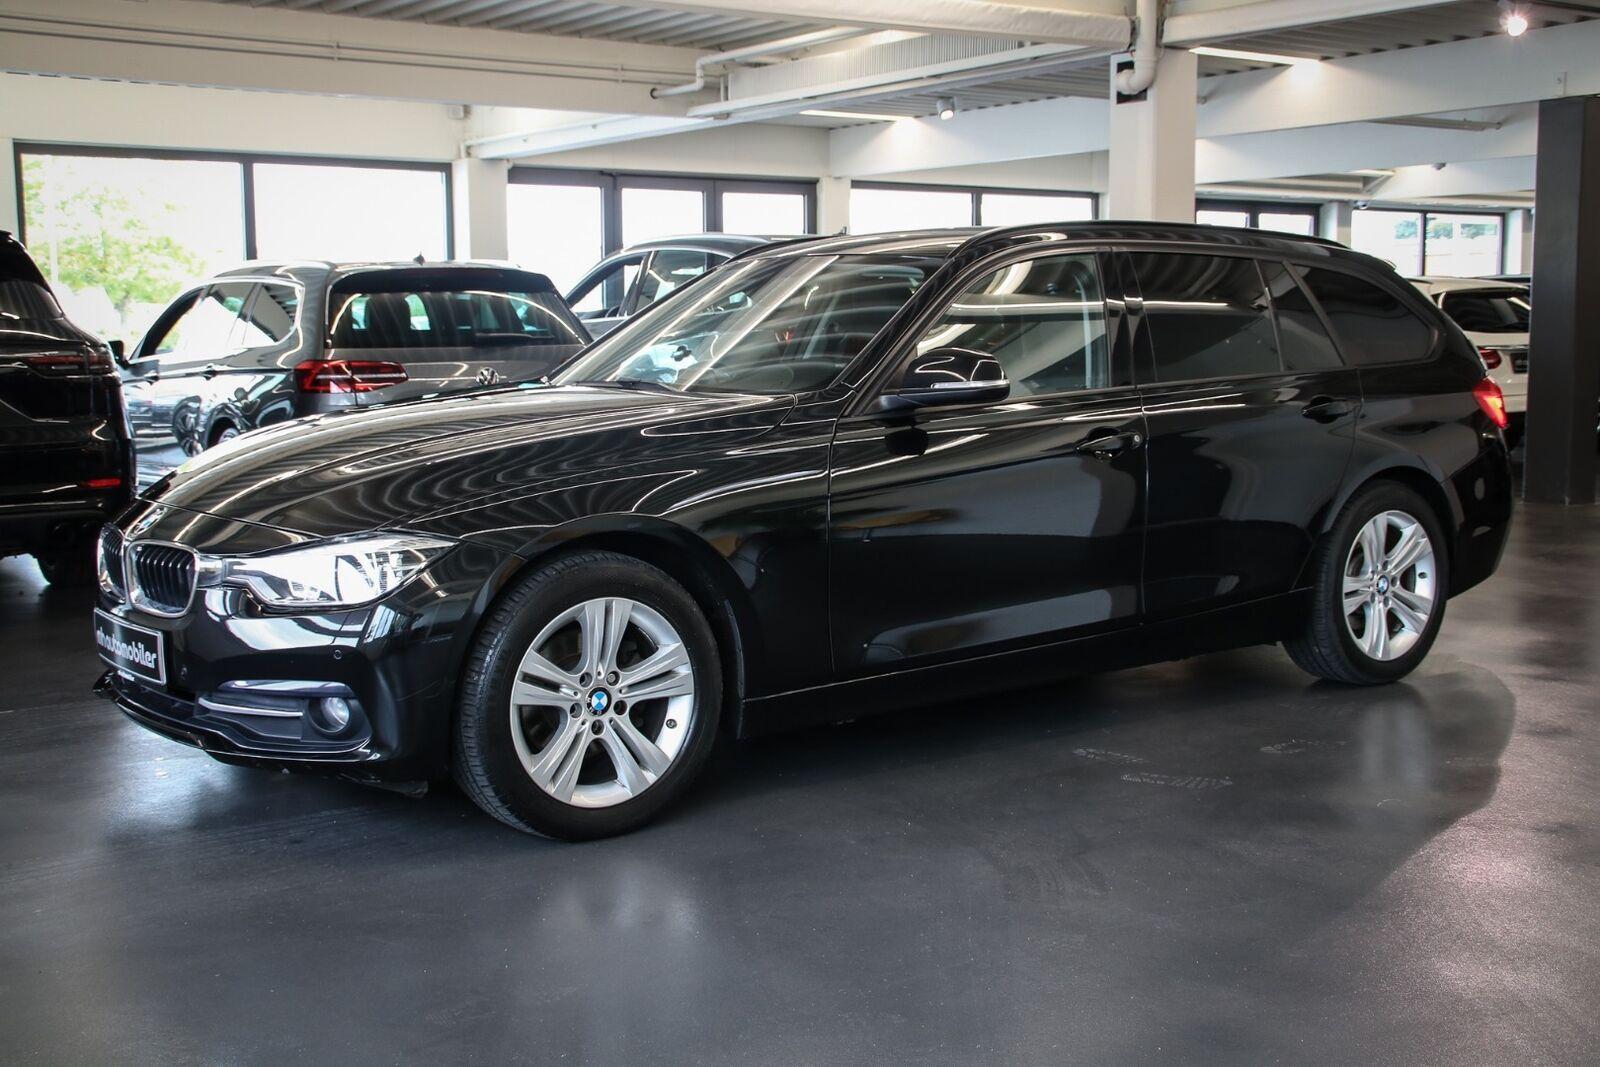 BMW 318d 2,0 Touring Sport Line aut. 5d - 249.900 kr.